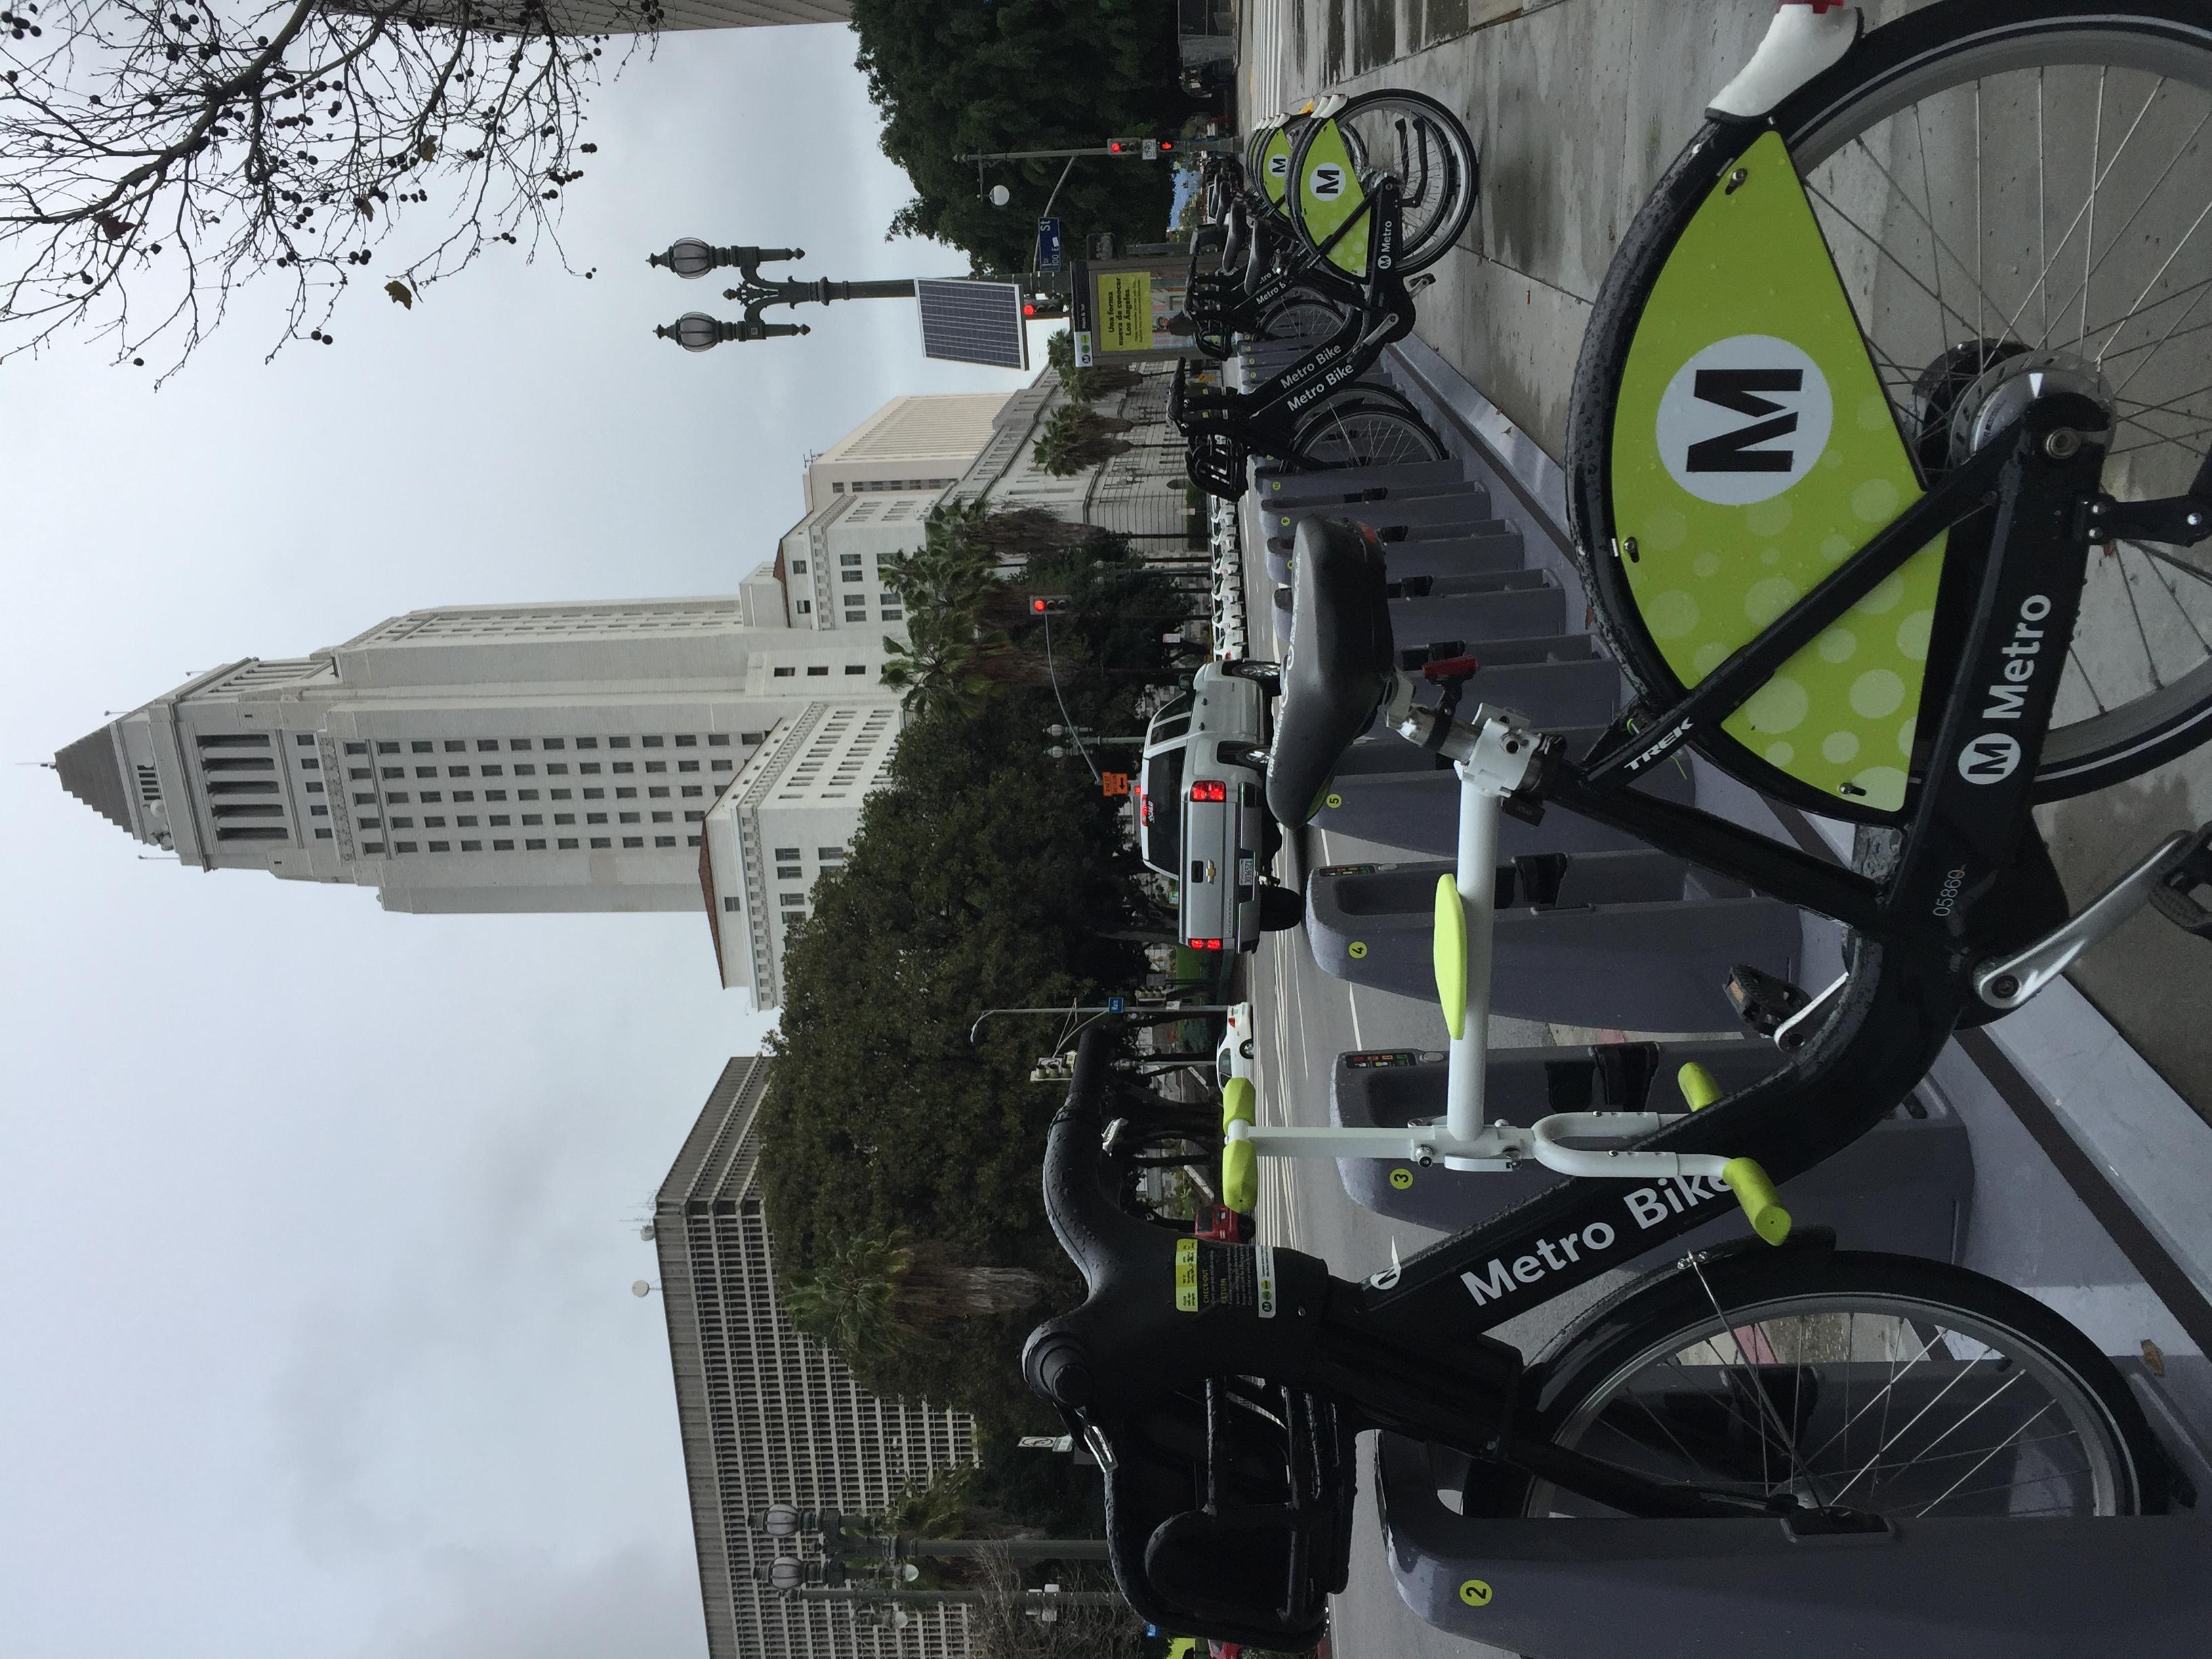 趴趴坐腳踏車兒童坐椅在洛杉磯